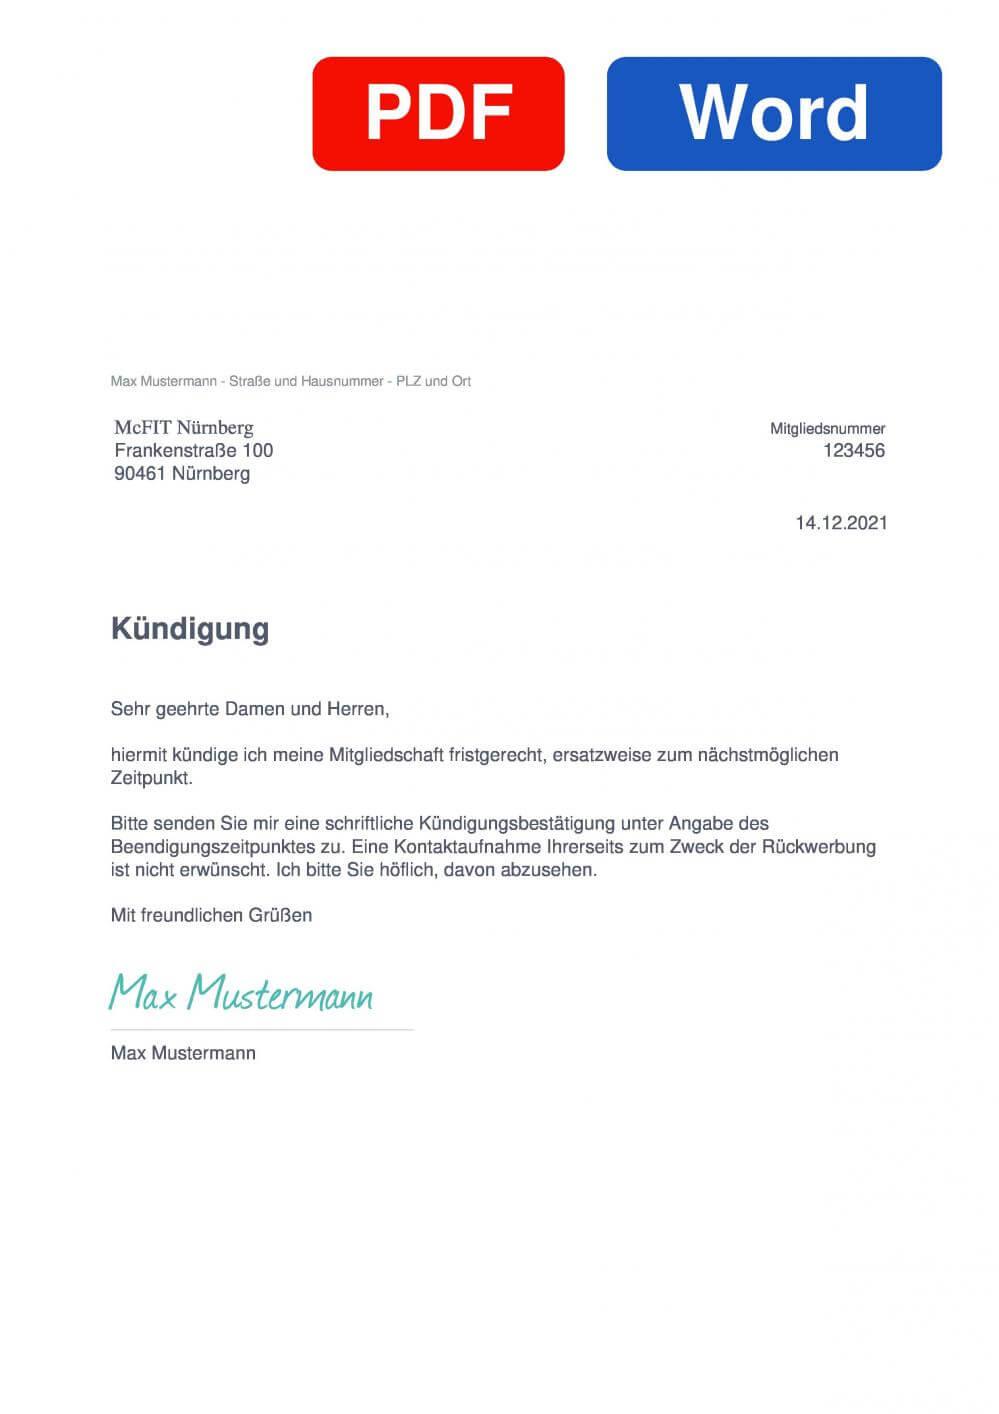 McFIT Nürnberg Muster Vorlage für Kündigungsschreiben